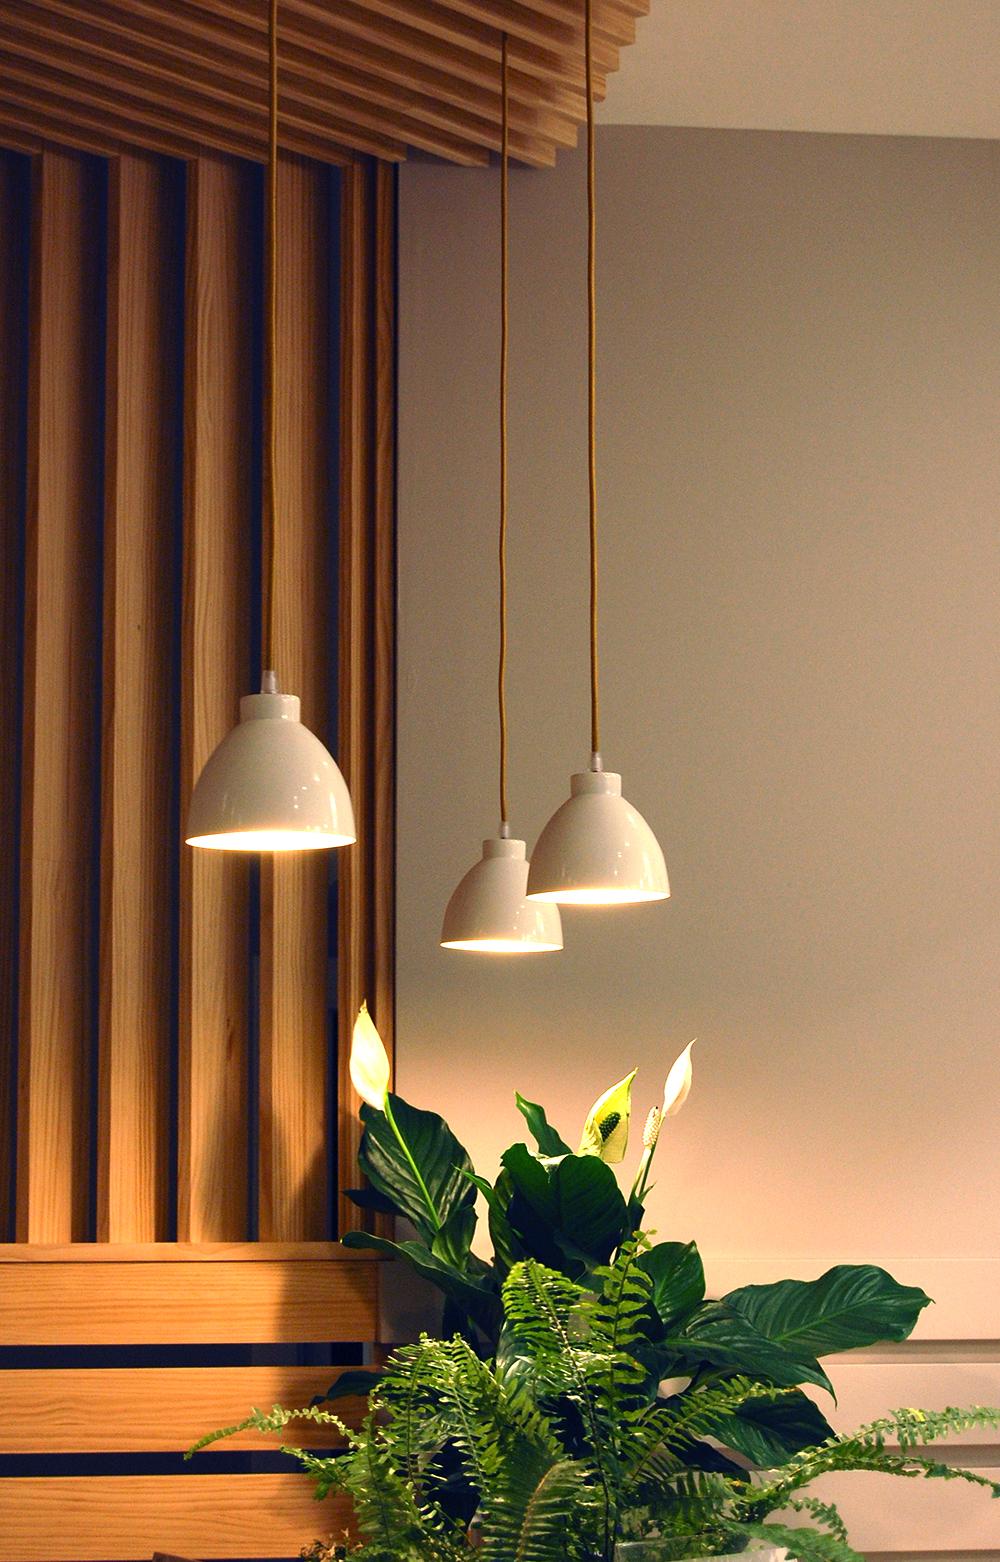 lamparas creadas